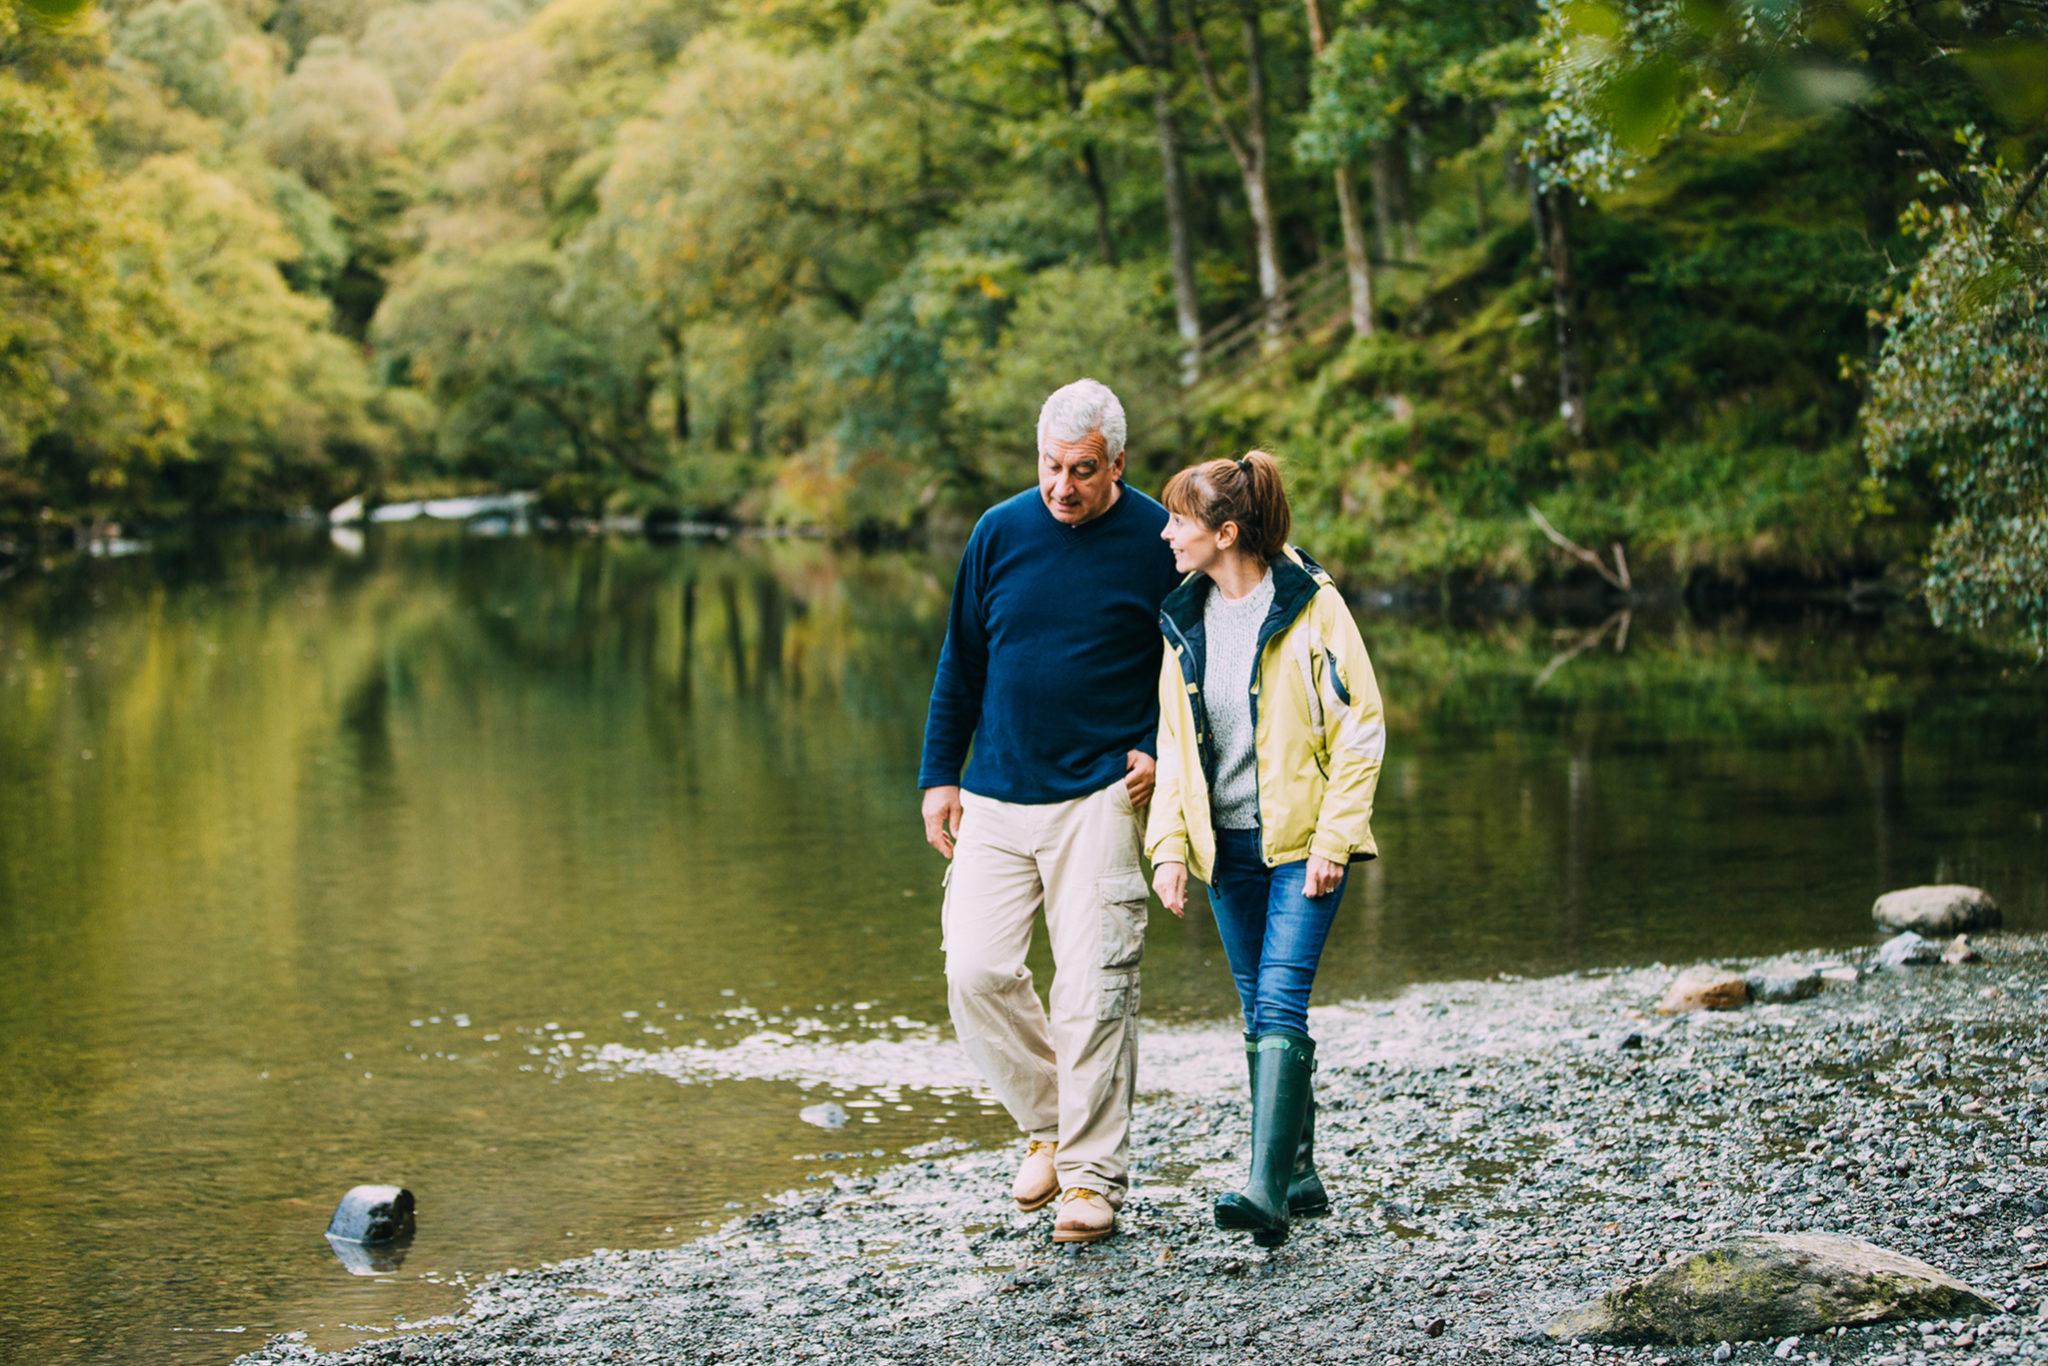 Couple walking on a lake shoreline